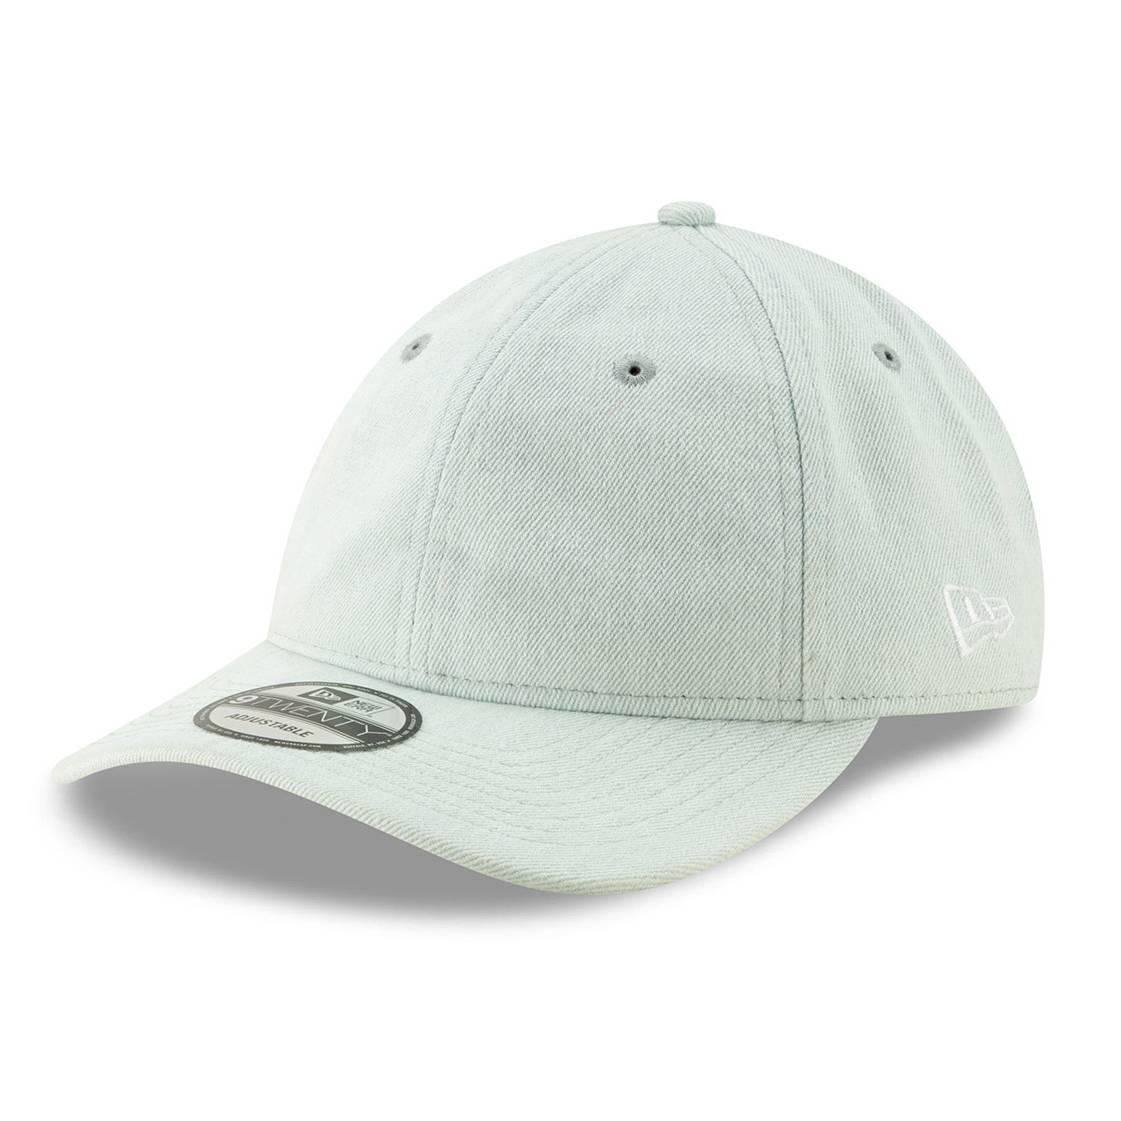 New-era-9twenty-denim-packable-cap